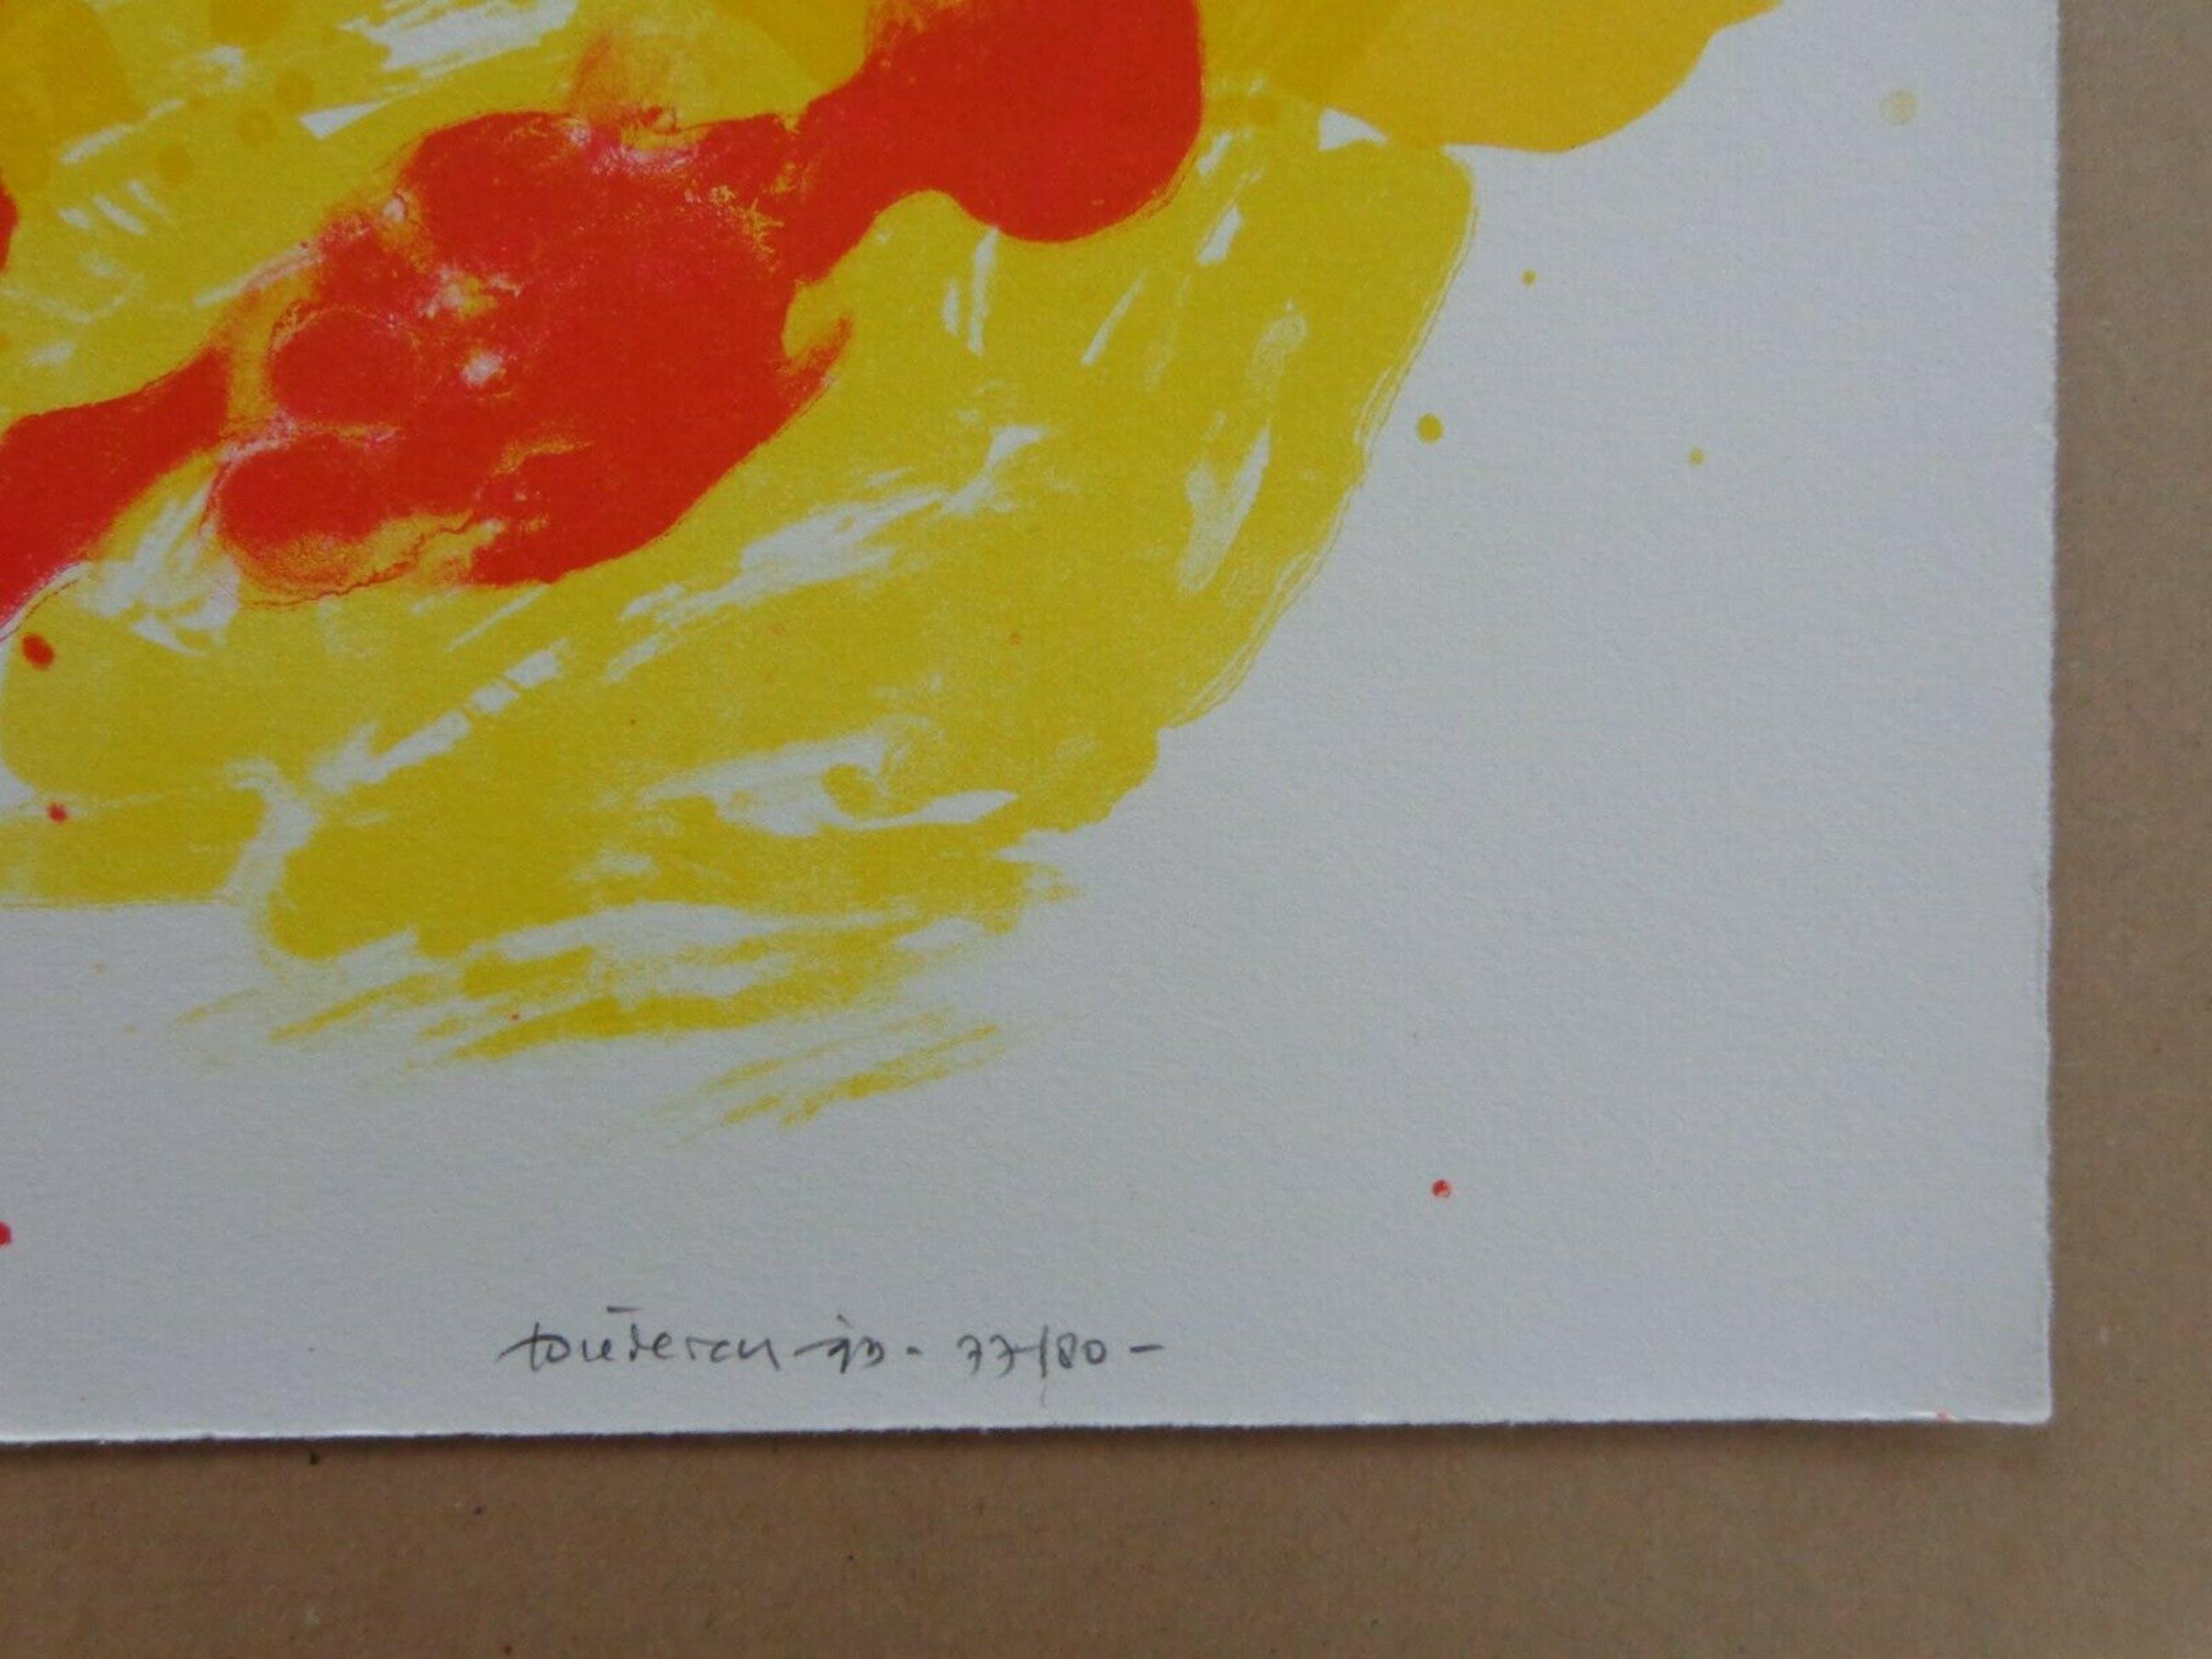 Jef Diederen - FIGURATIE / KLEURLITHO / 76x56cm / SIG / 1993 kopen? Bied vanaf 28!